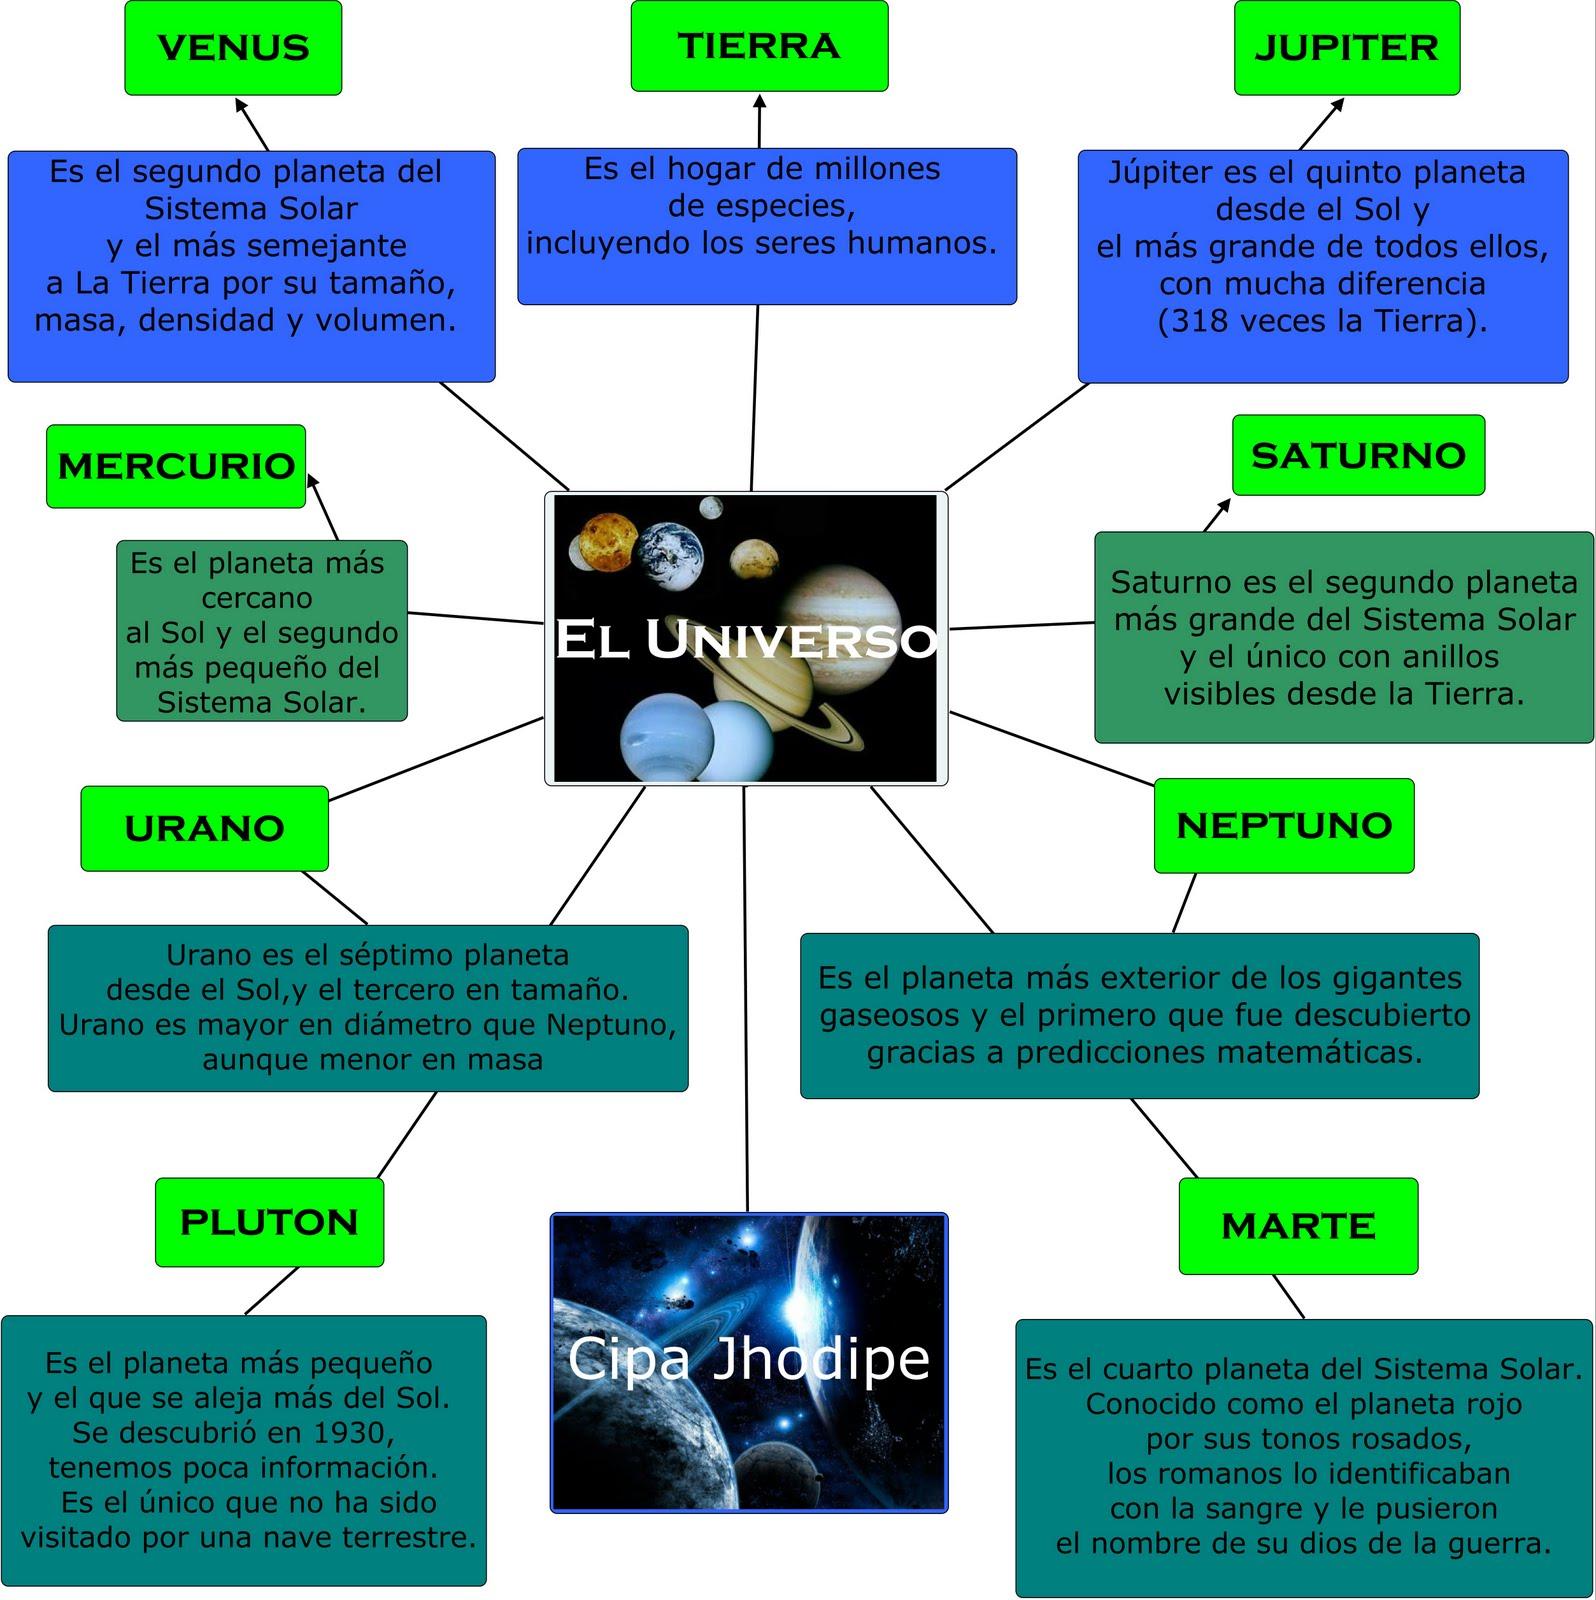 Cipa jhodipe - Caracteristicas de los planetas interiores ...